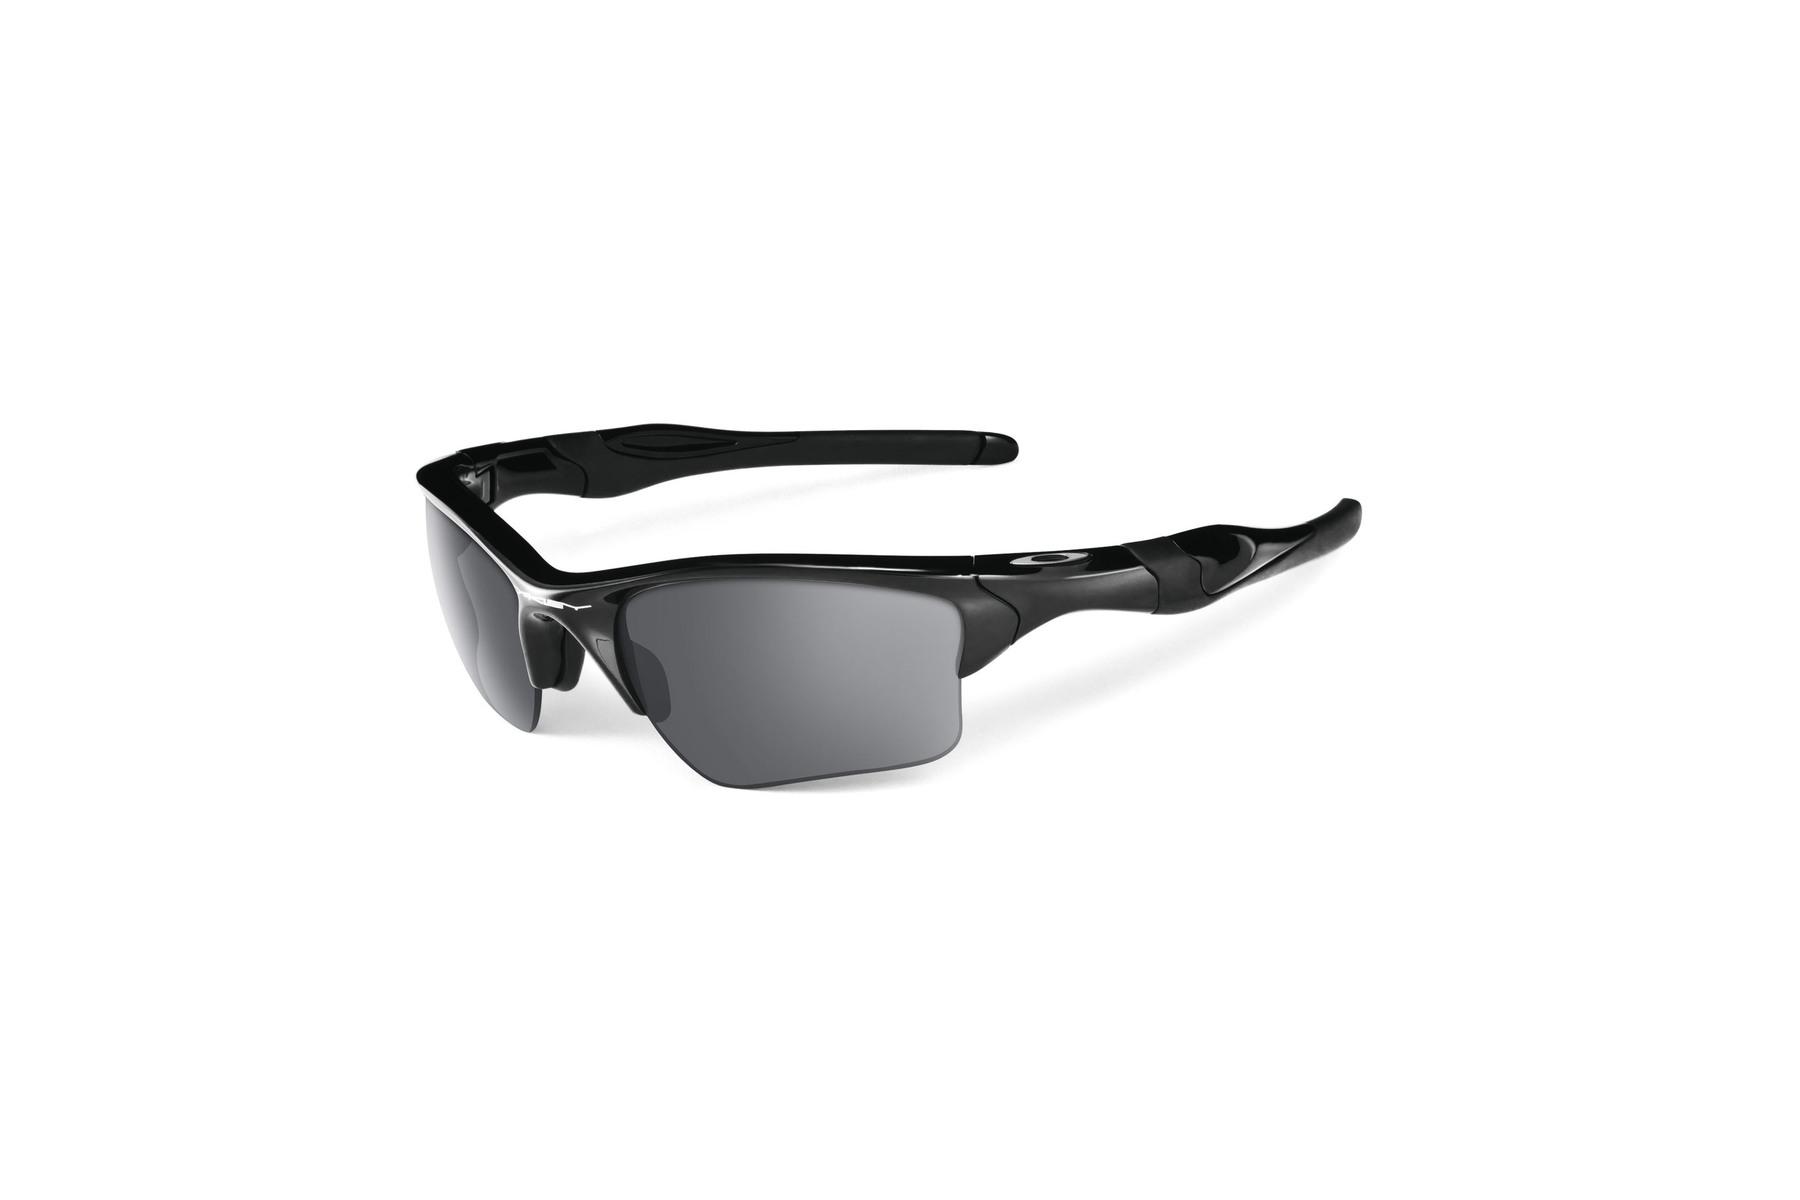 OAKLEY HALF JACKET 2.0 XL Sportbrille kaufen | ROSE Bikes